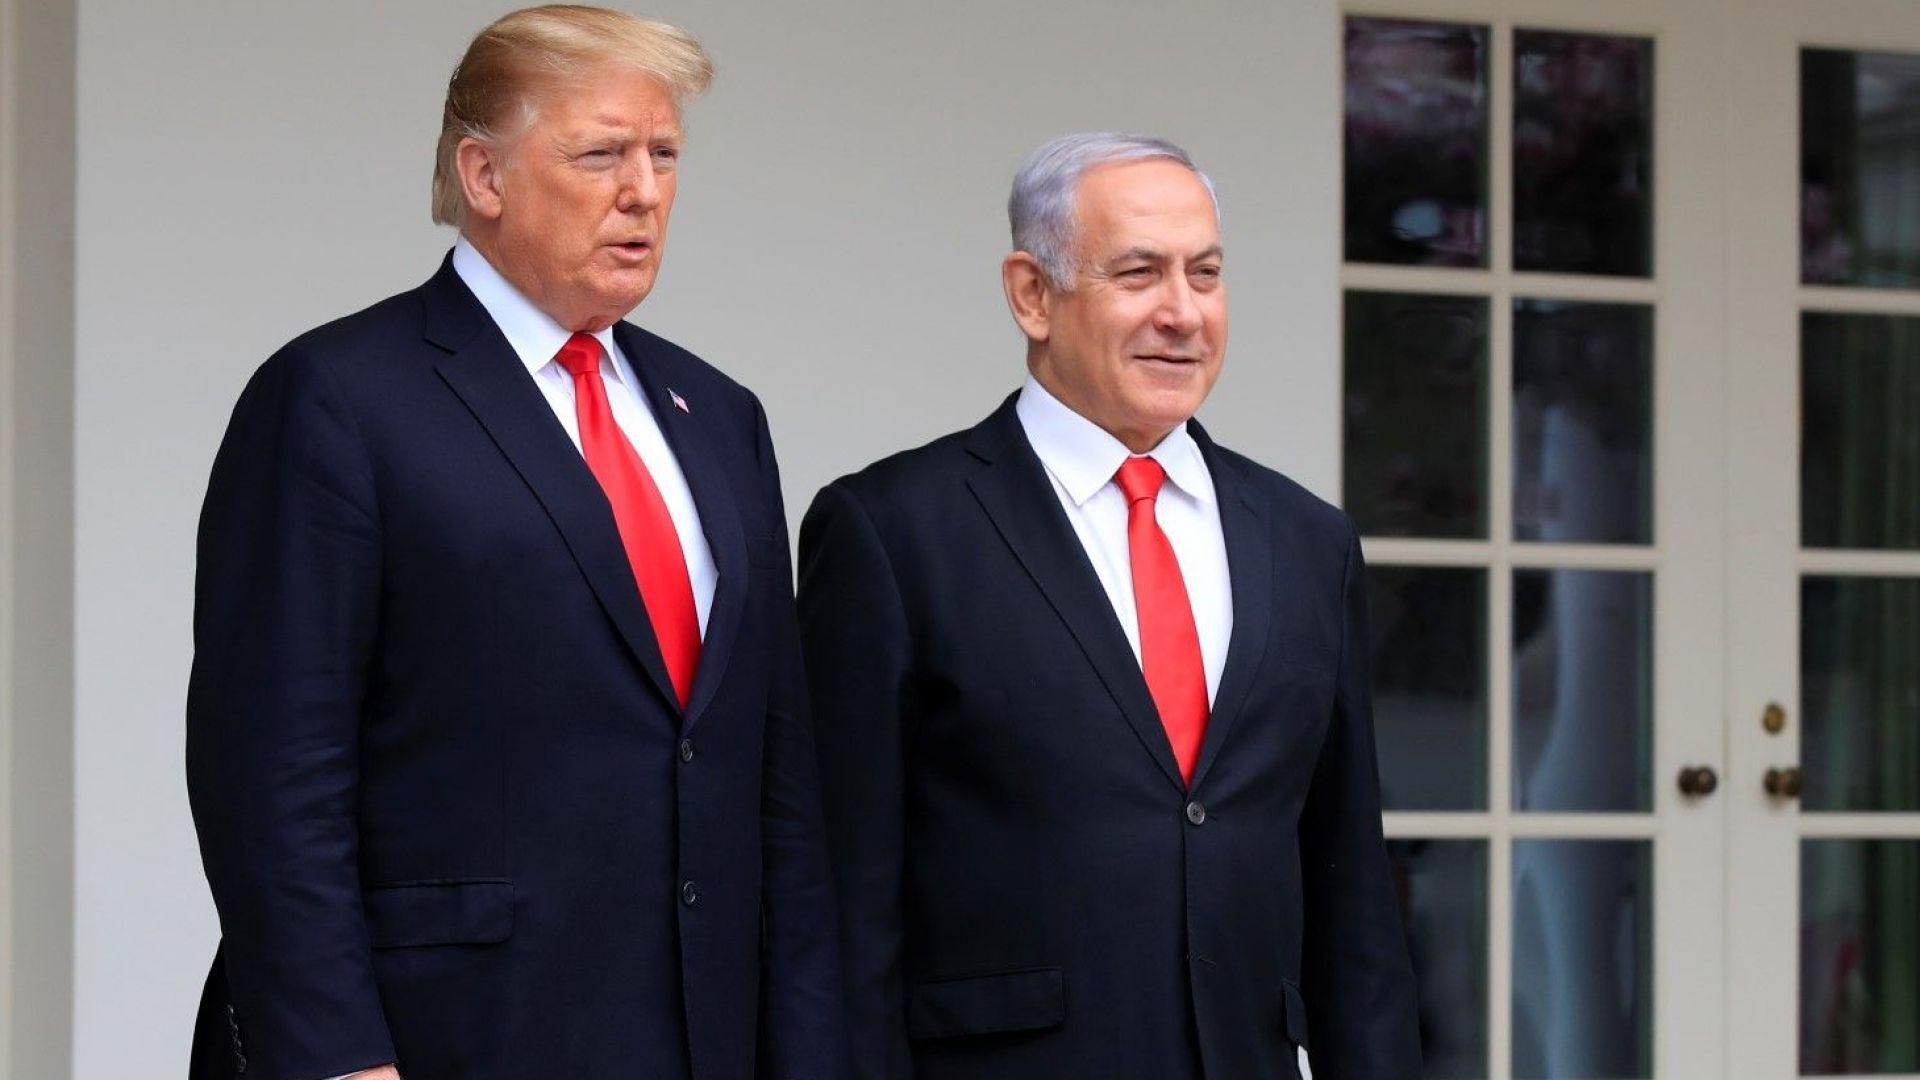 Тръмп призна суверенитета на Израел над Голанските възвишения, остри световни реакции